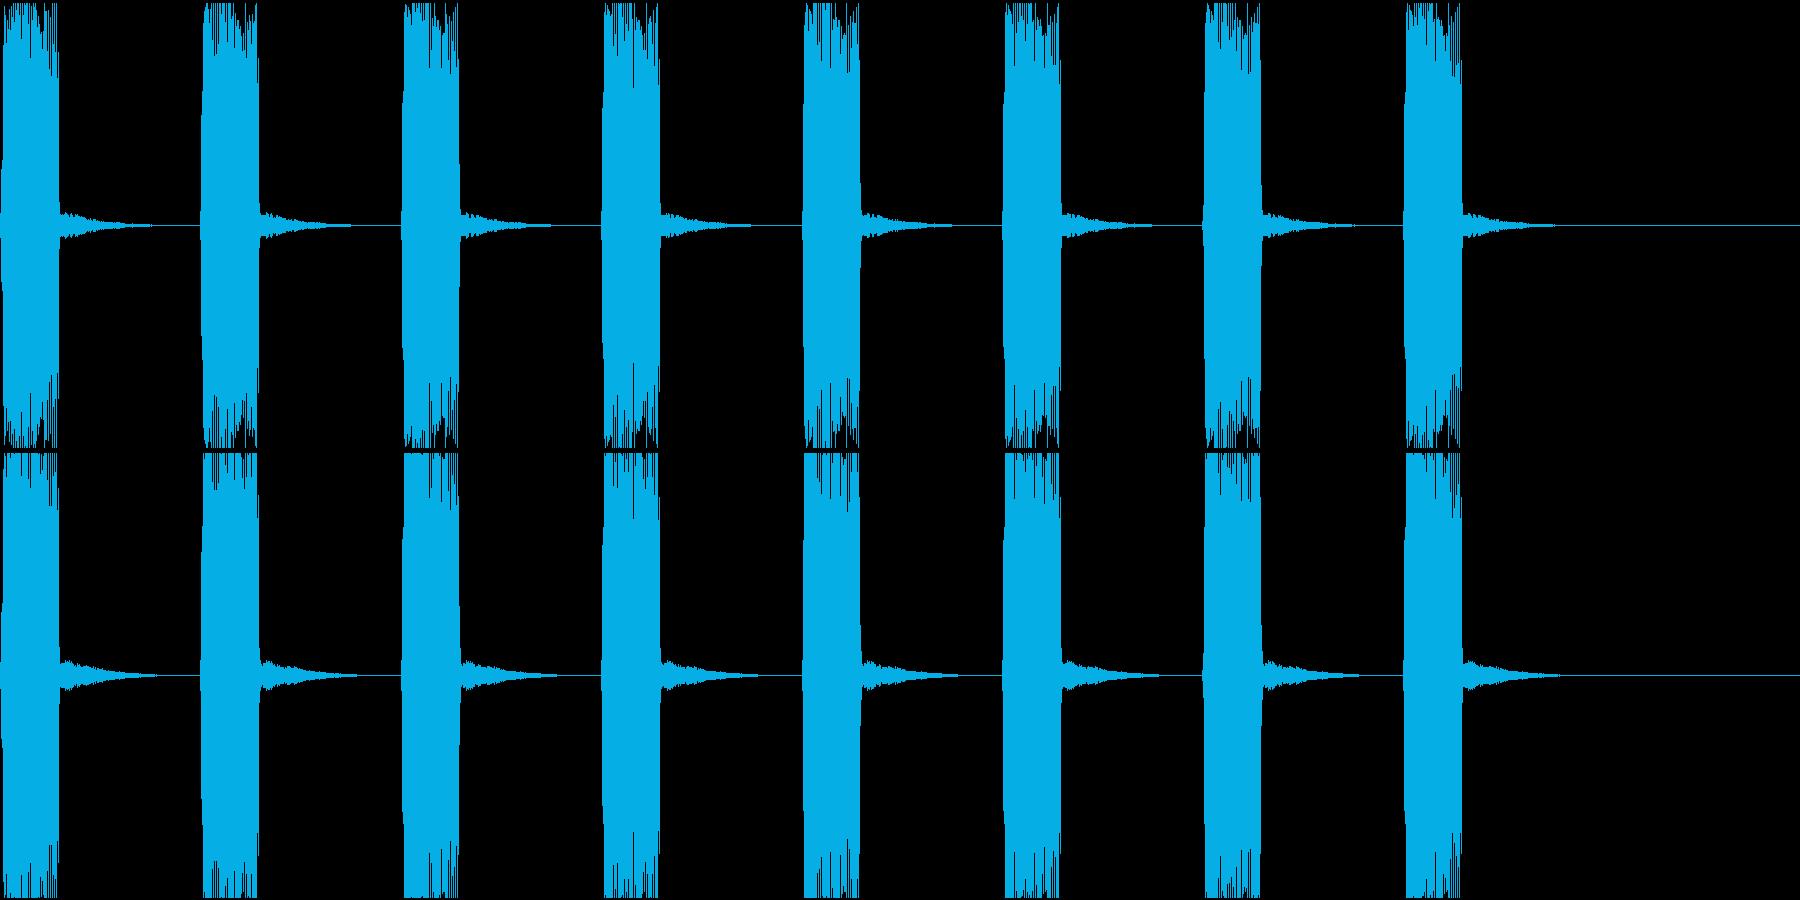 制限時間を示す緊迫感のあるサイレンの音の再生済みの波形